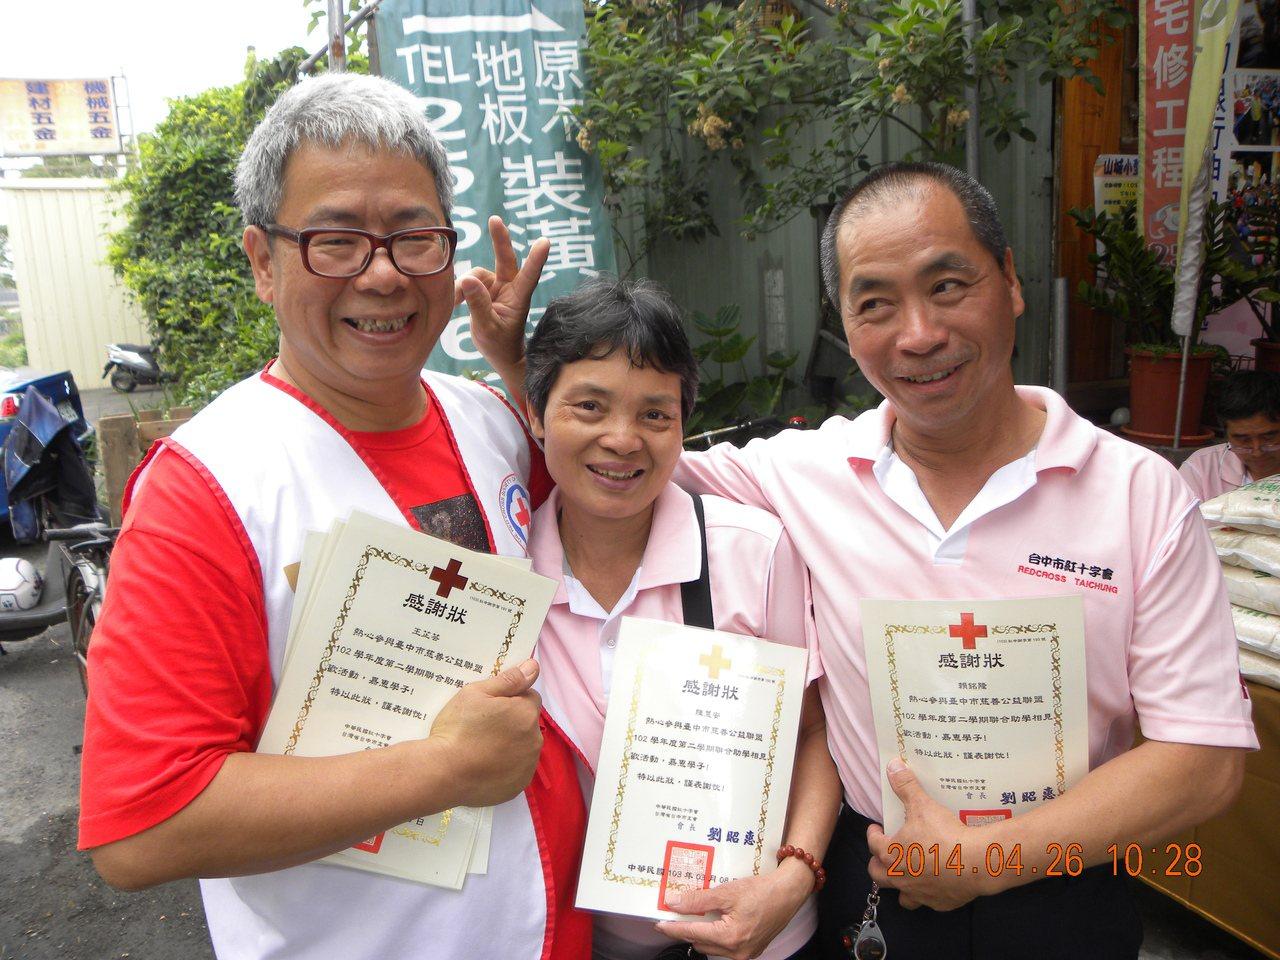 陳建業(左)與志同道合的朋友樂當志工。 圖/陳建業提供